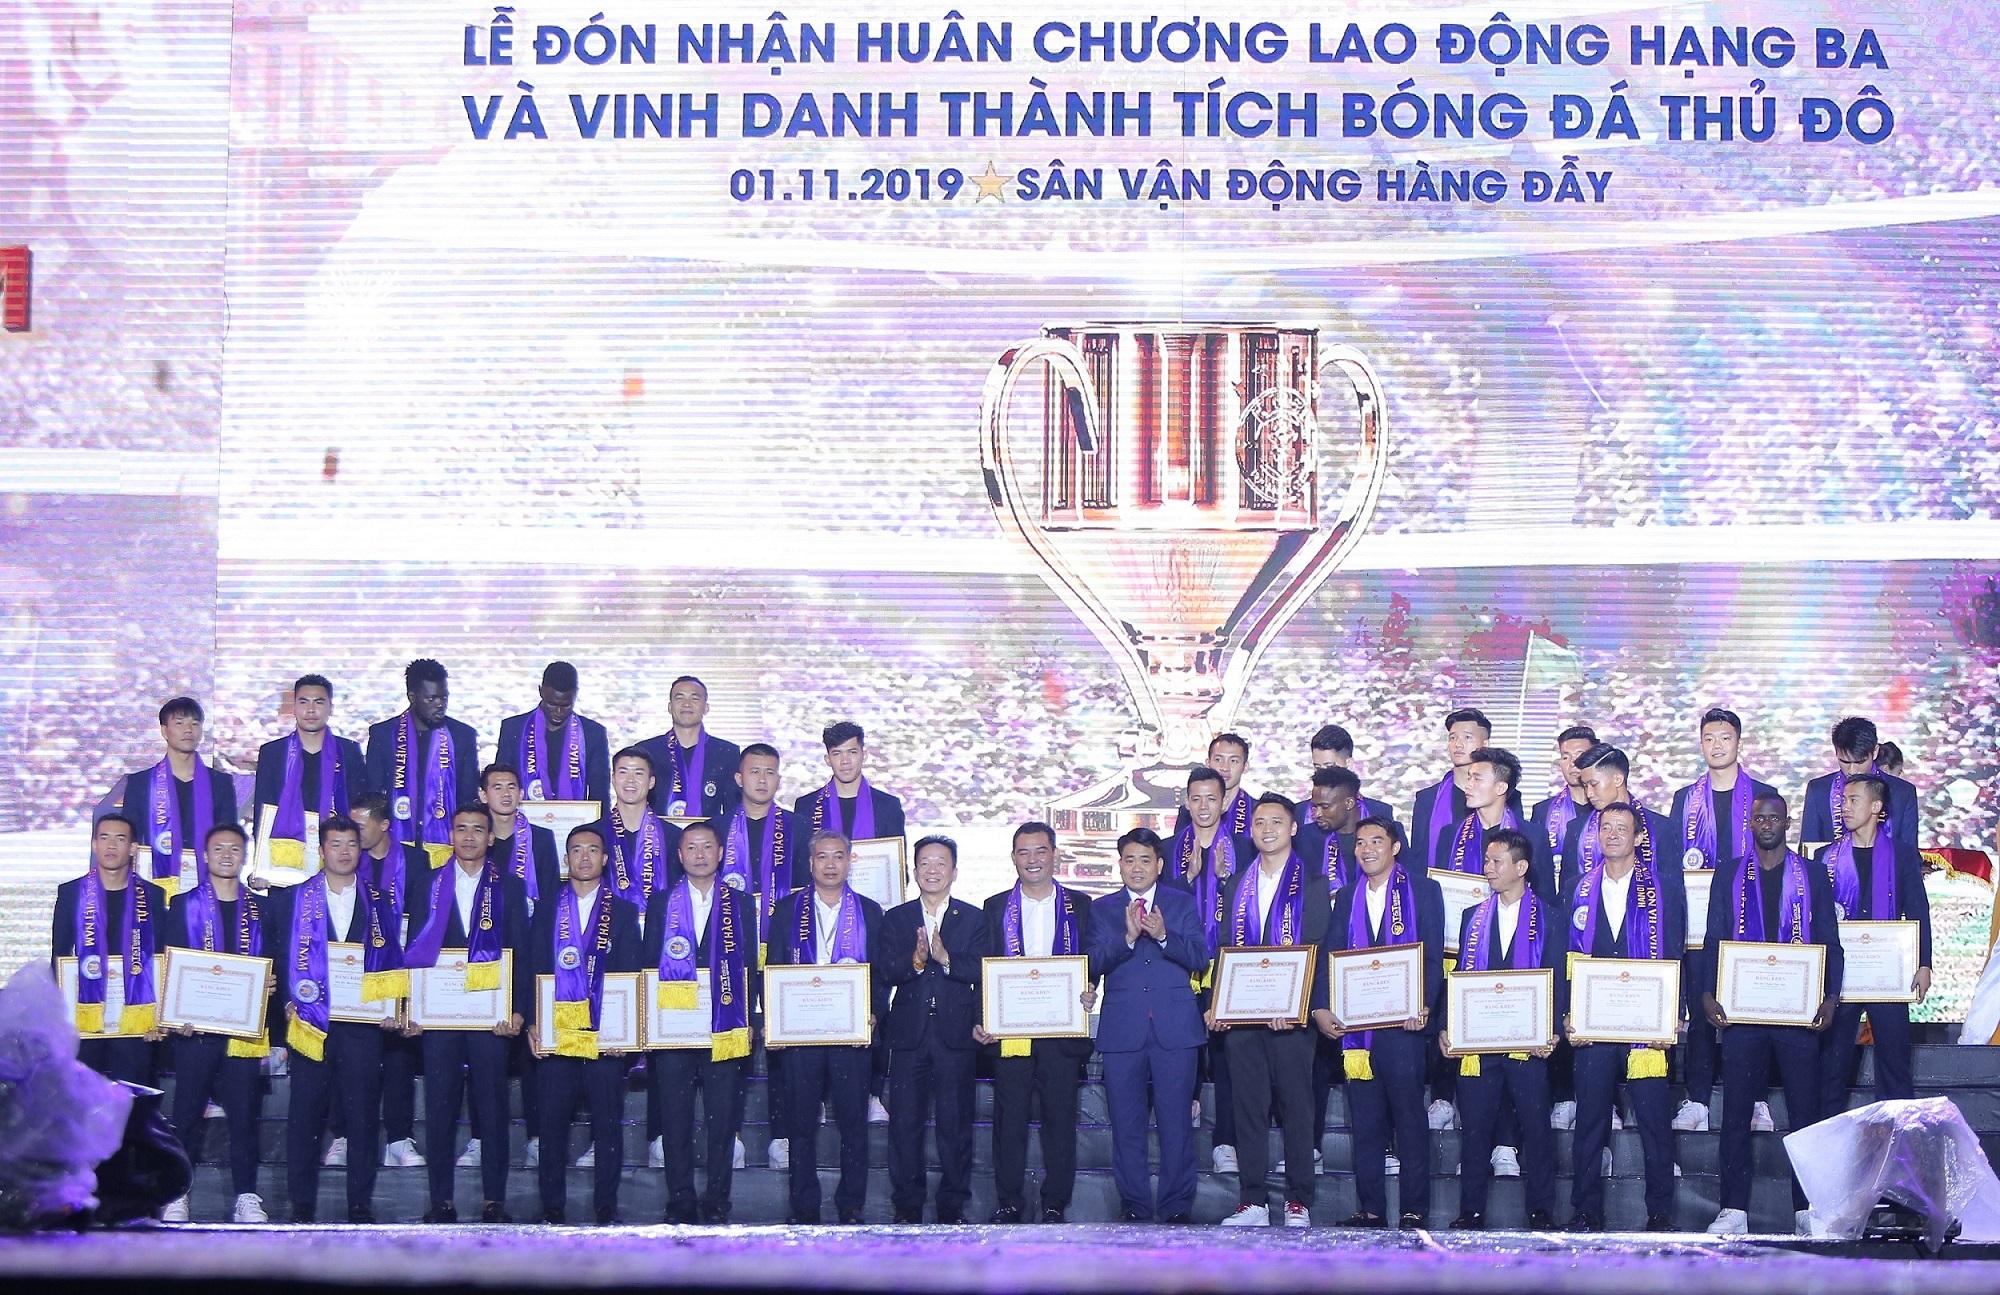 Hà Nội FC dành tặng chức vô địch cho người hâm mộ, đón nhận huân chương lao động hạng Ba  - Ảnh 4